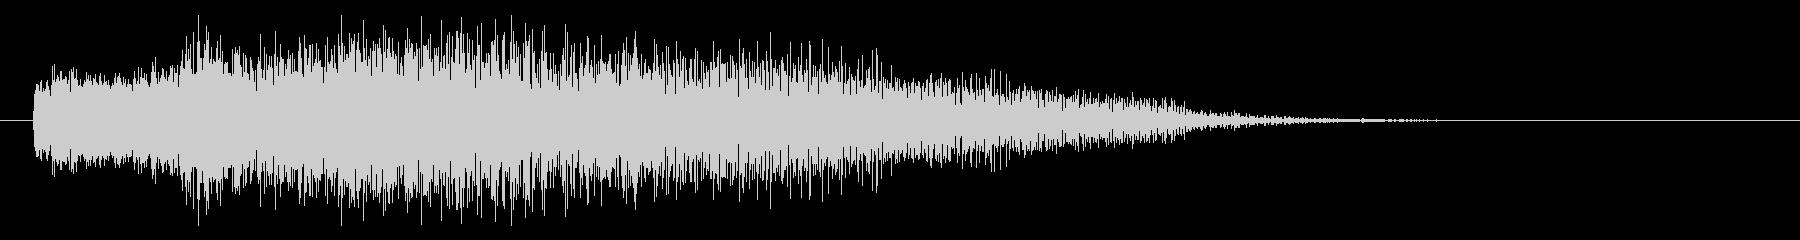 ピシューン/レーザー/機械/ロボ/連続音の未再生の波形